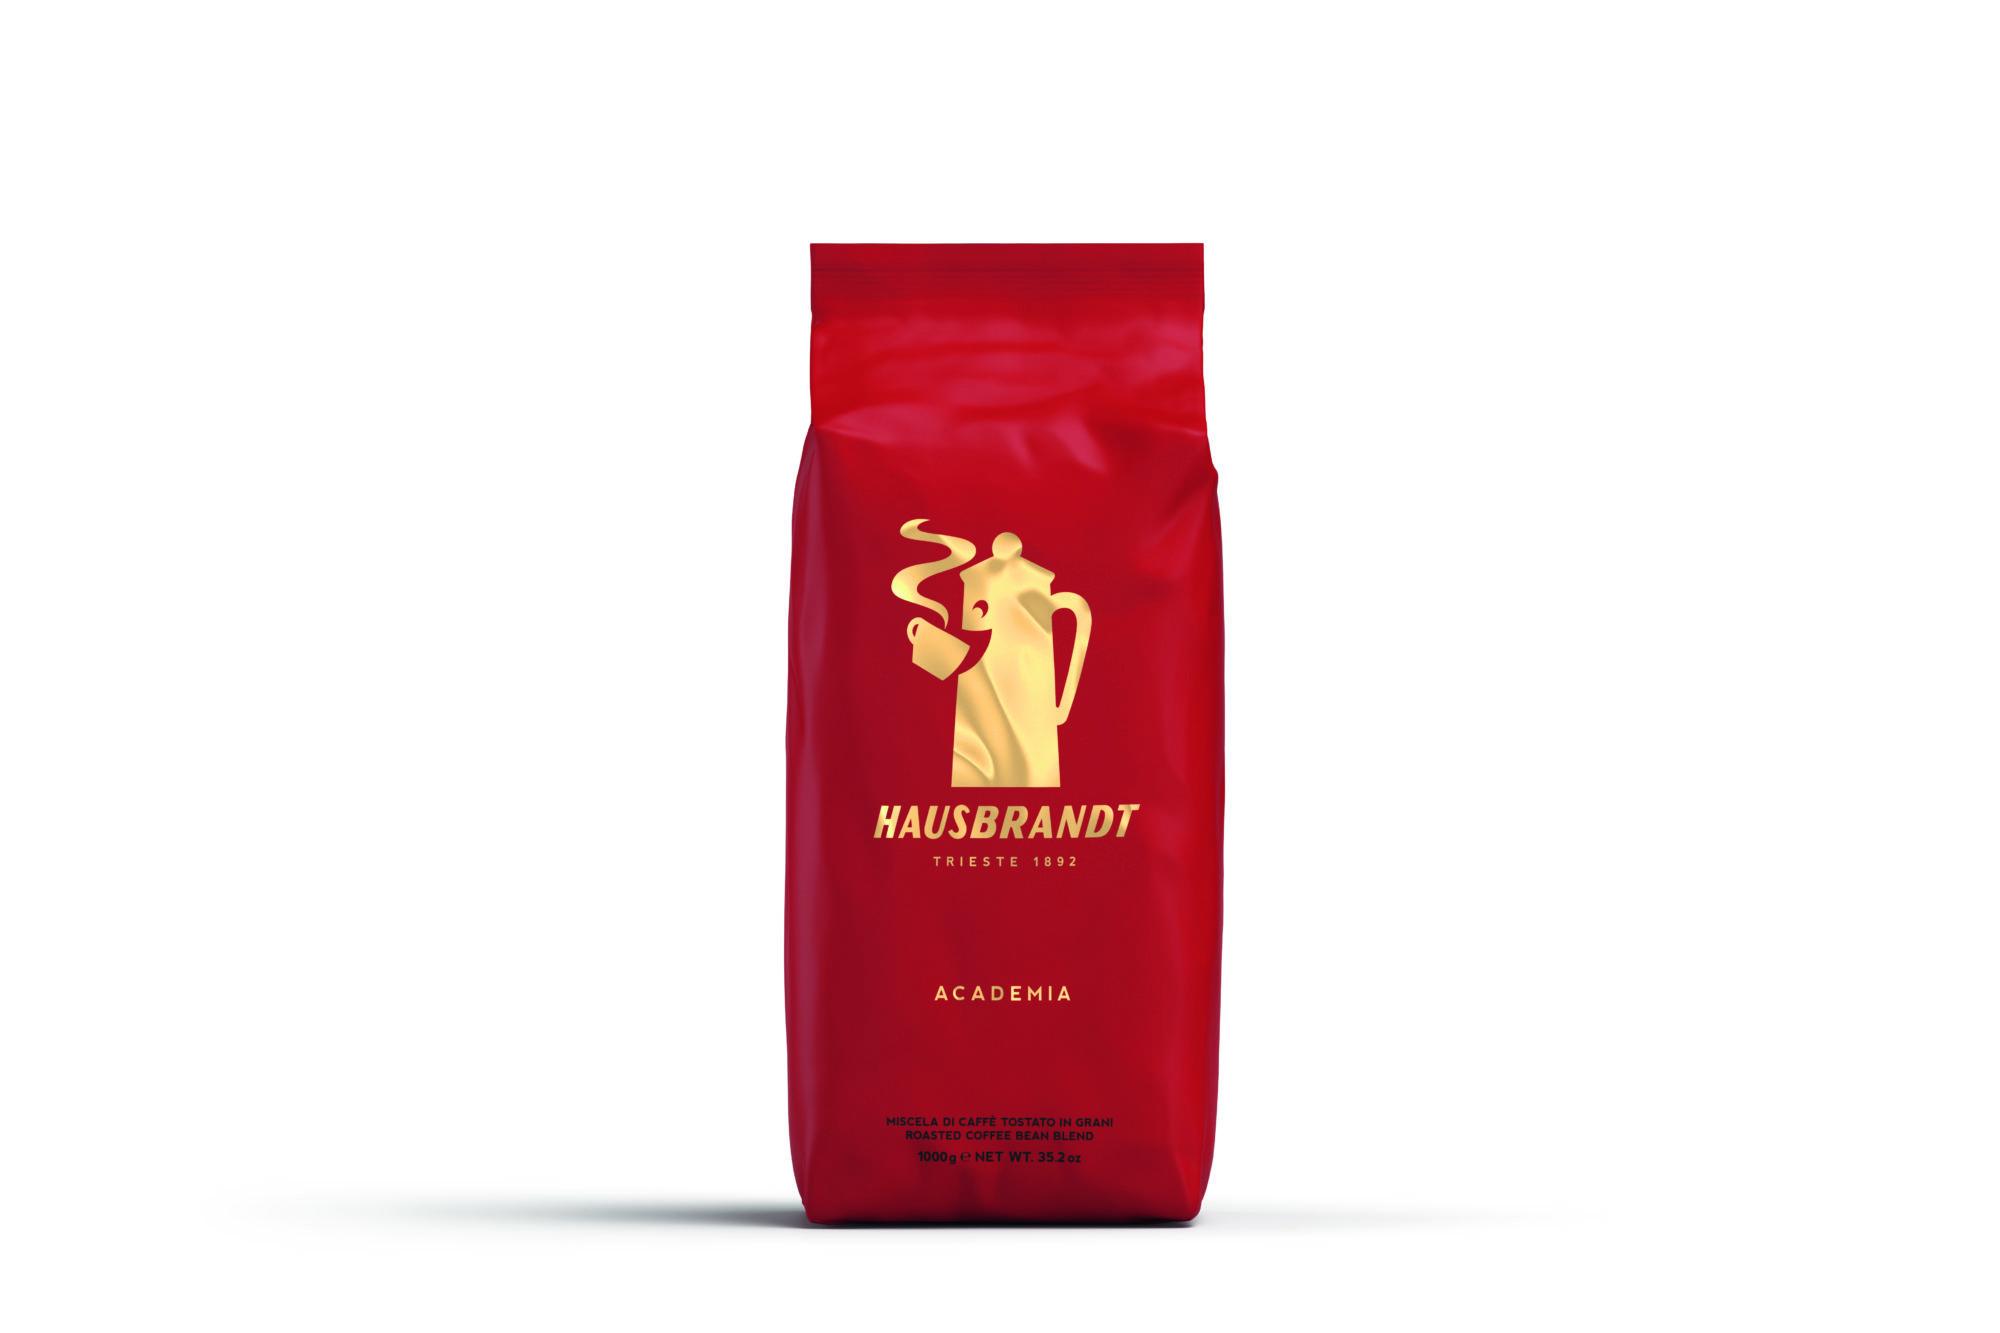 HAUSBRANDT Caffé Academia 6 X 1 KG Bohnen im Beutel